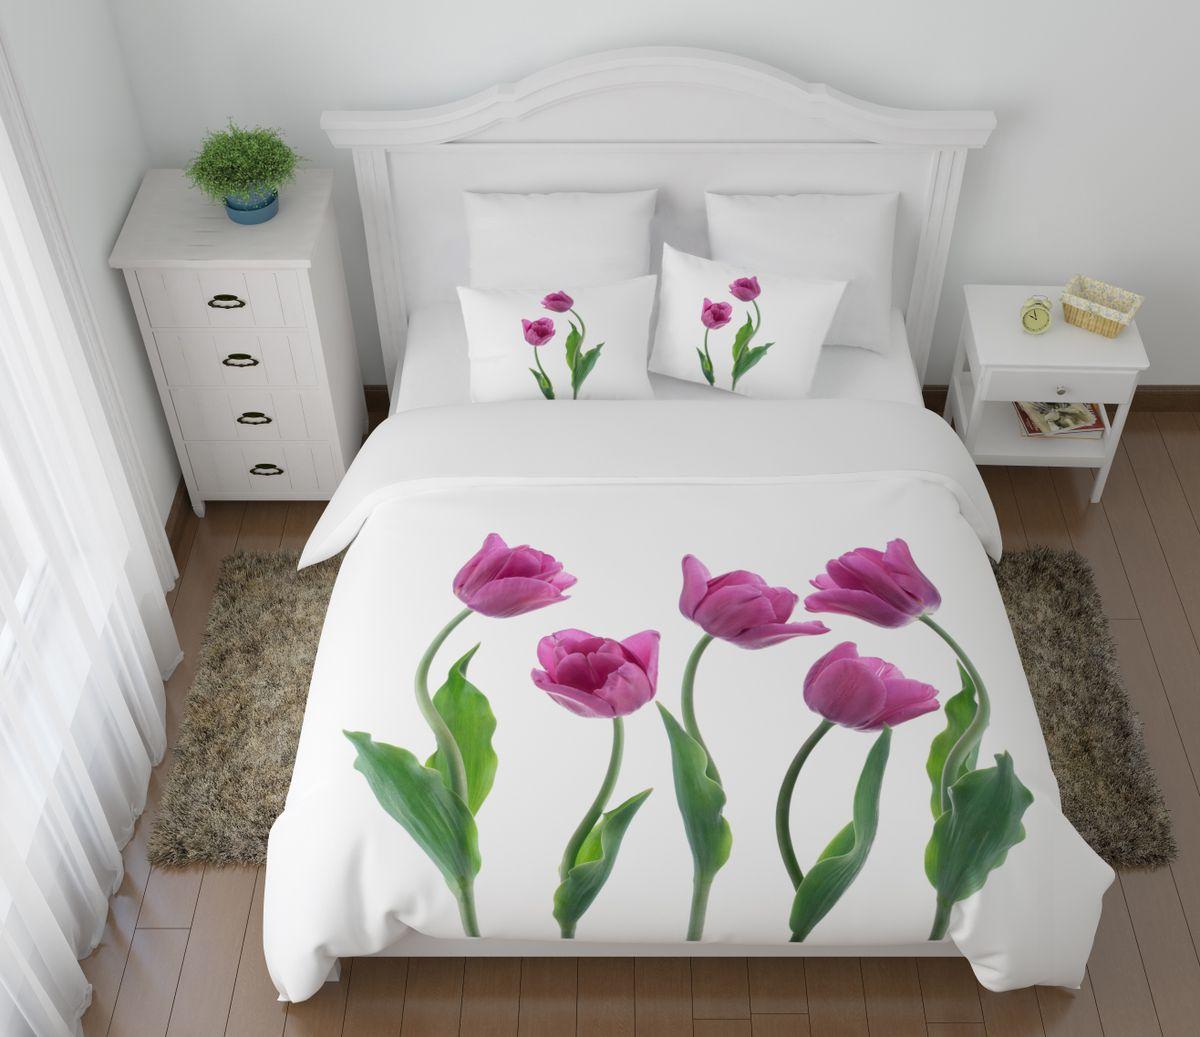 Комплект белья Сирень Крупные тюльпаны, 2-спальный, наволочки 50х704630003364517Комплект постельного белья Сирень выполнен из прочной и мягкой ткани. Четкий и стильный рисунок в сочетании с насыщенными красками делают комплект постельного белья неповторимой изюминкой любого интерьера.Постельное белье идеально подойдет для подарка. Идеальное соотношение смешенной ткани и гипоаллергенных красок - это гарантия здорового, спокойного сна. Ткань хорошо впитывает влагу, надолго сохраняет яркость красок.В комплект входят: простынь, пододеяльник, две наволочки. Постельное белье легко стирать при 30-40°С, гладить при 150°С, не отбеливать. Рекомендуется перед первым использованием постирать.УВАЖАЕМЫЕ КЛИЕНТЫ! Обращаем ваше внимание, что цвет простыни, пододеяльника, наволочки в комплектации может немного отличаться от представленного на фото.